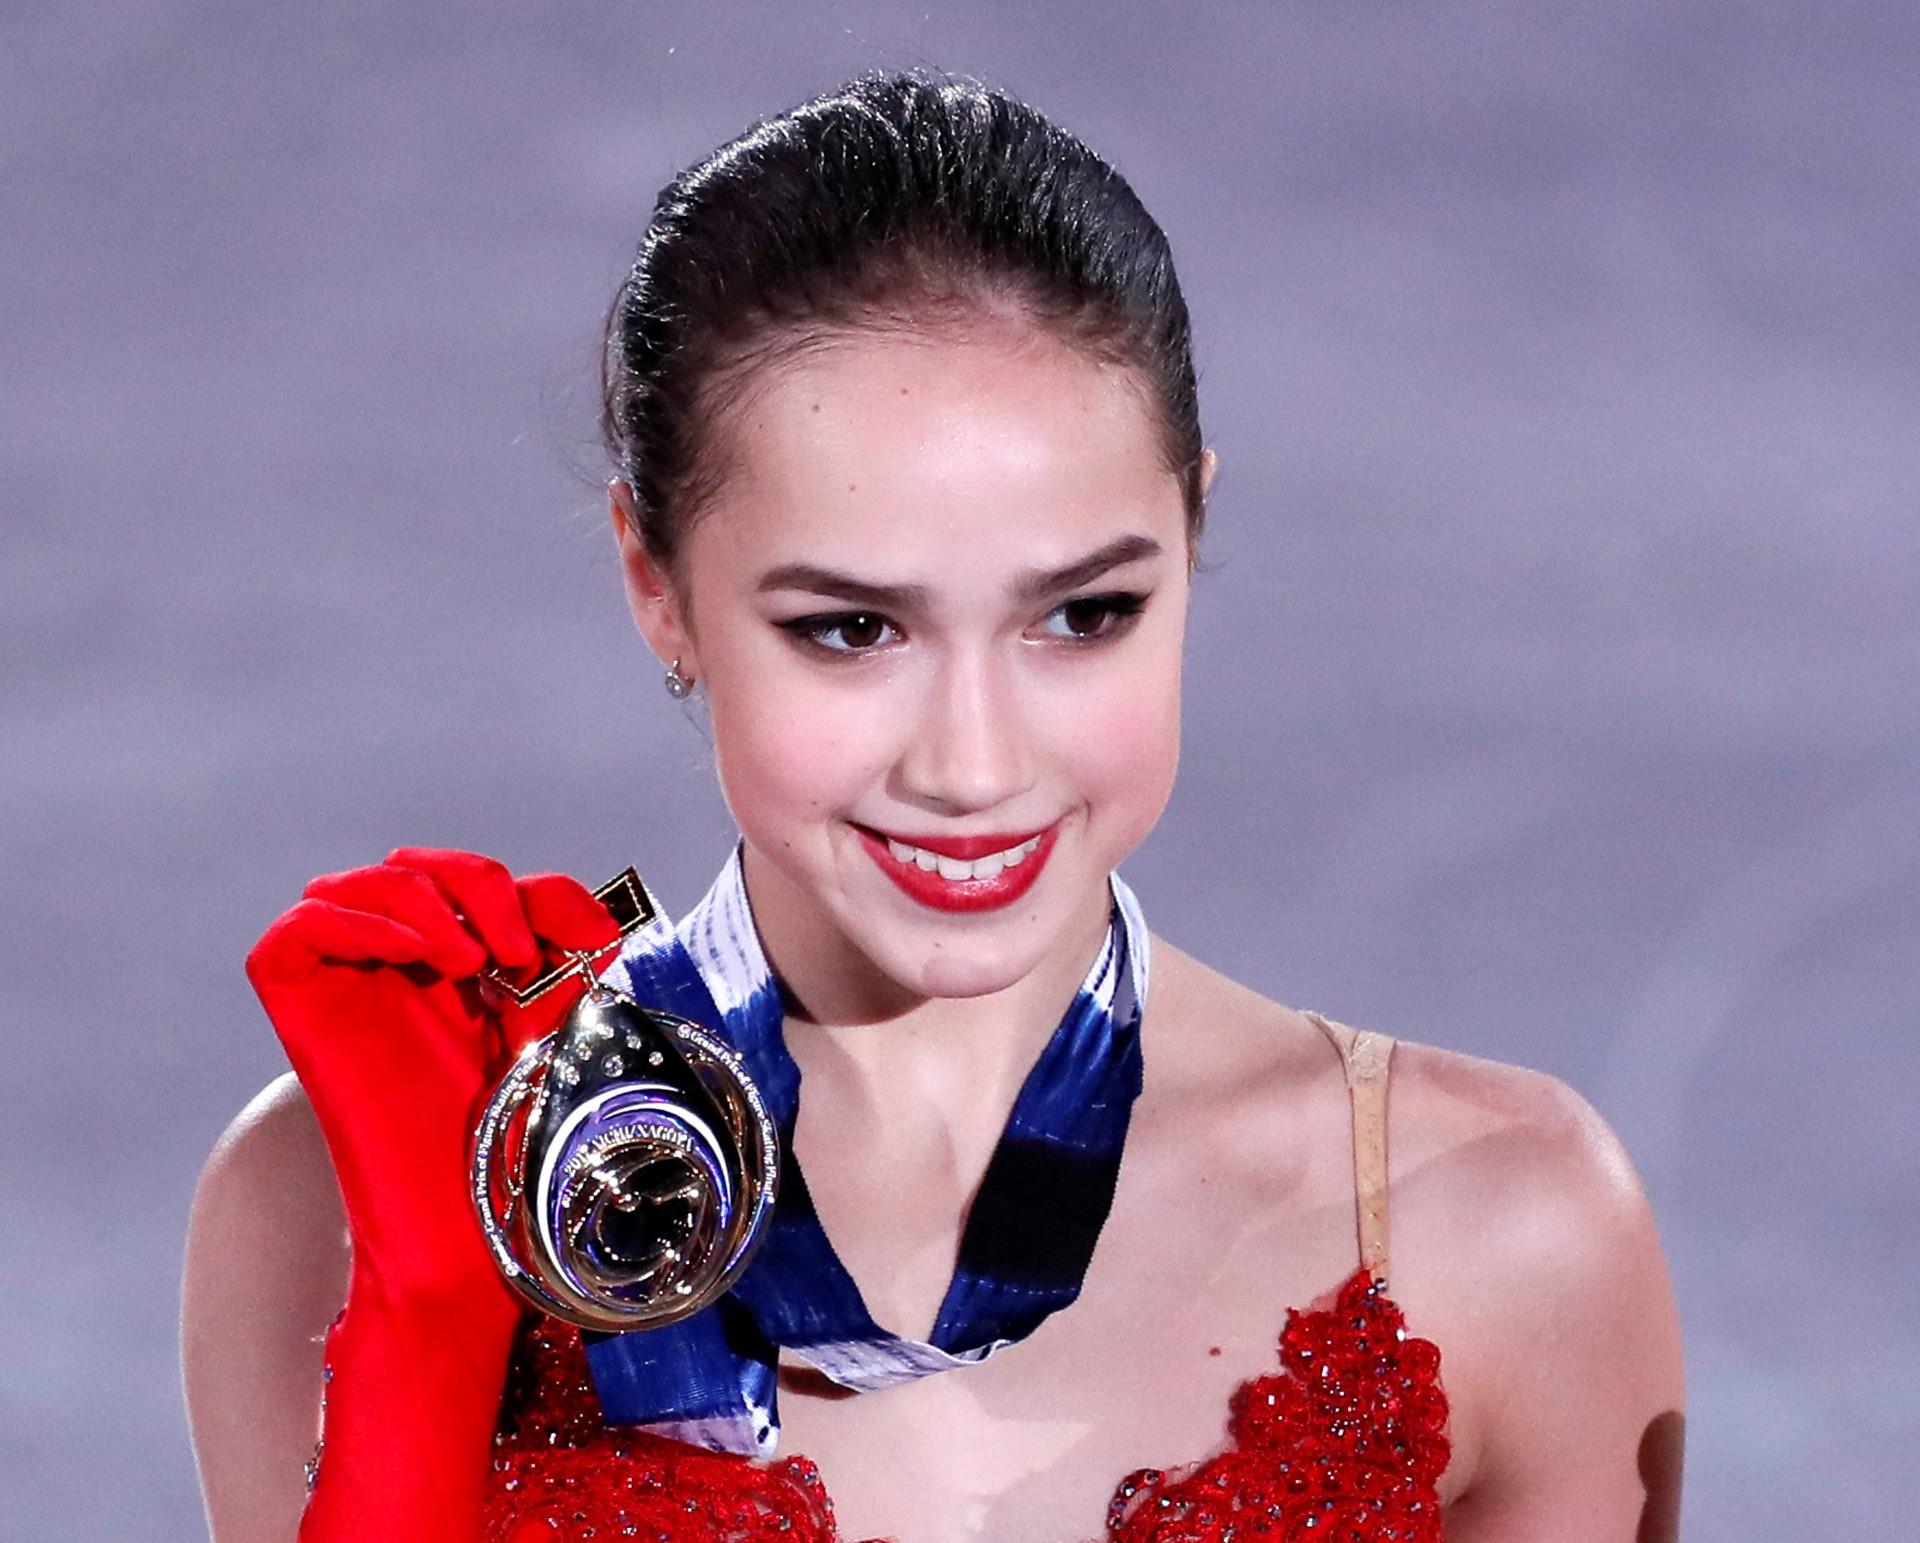 Und so gewann Sagitowa dort mit einem ausgezeichneten Programm ohne grobe Fehler.